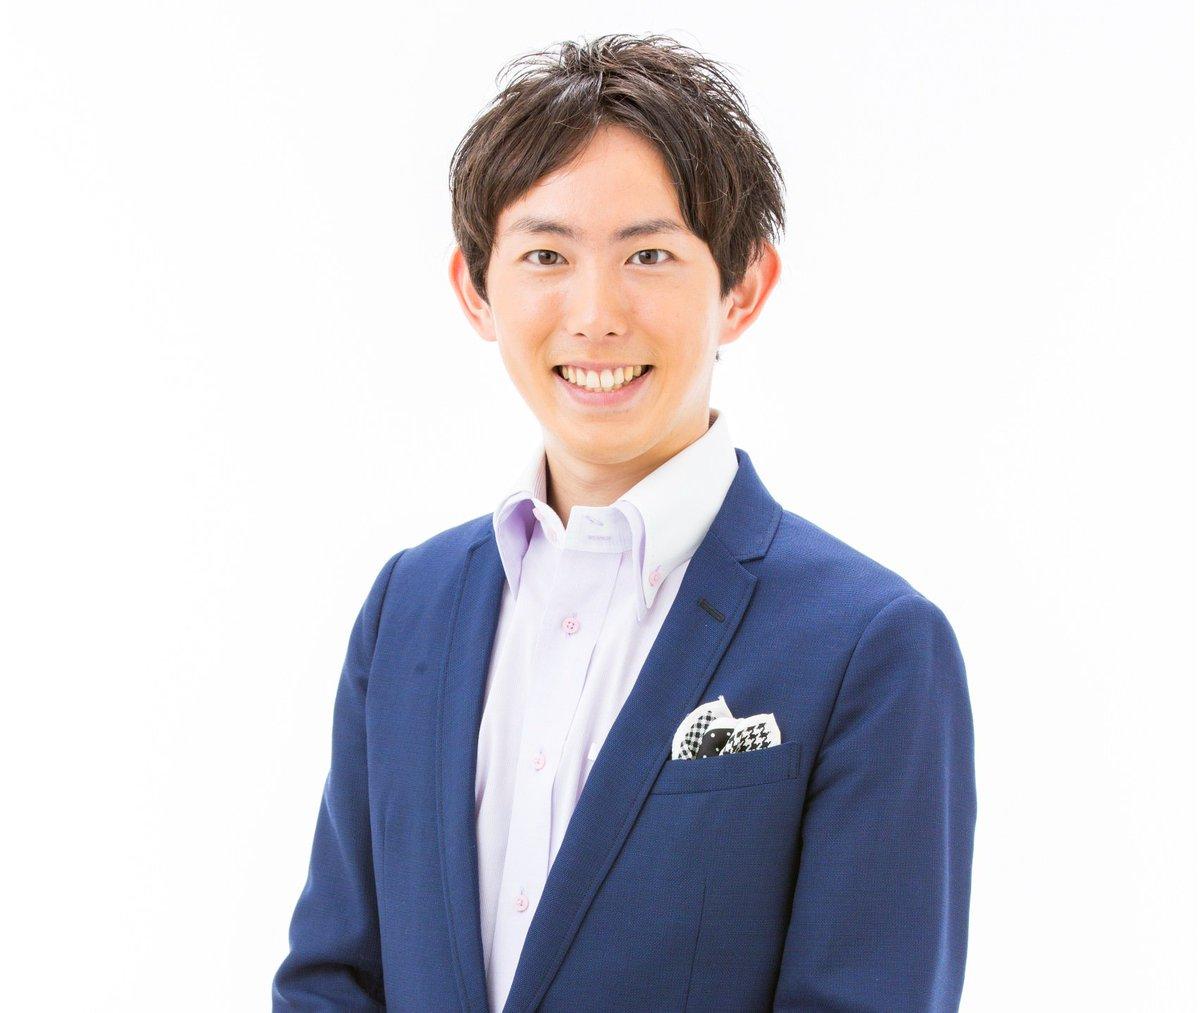 「佐藤宏樹アナウンサー」の画像検索結果